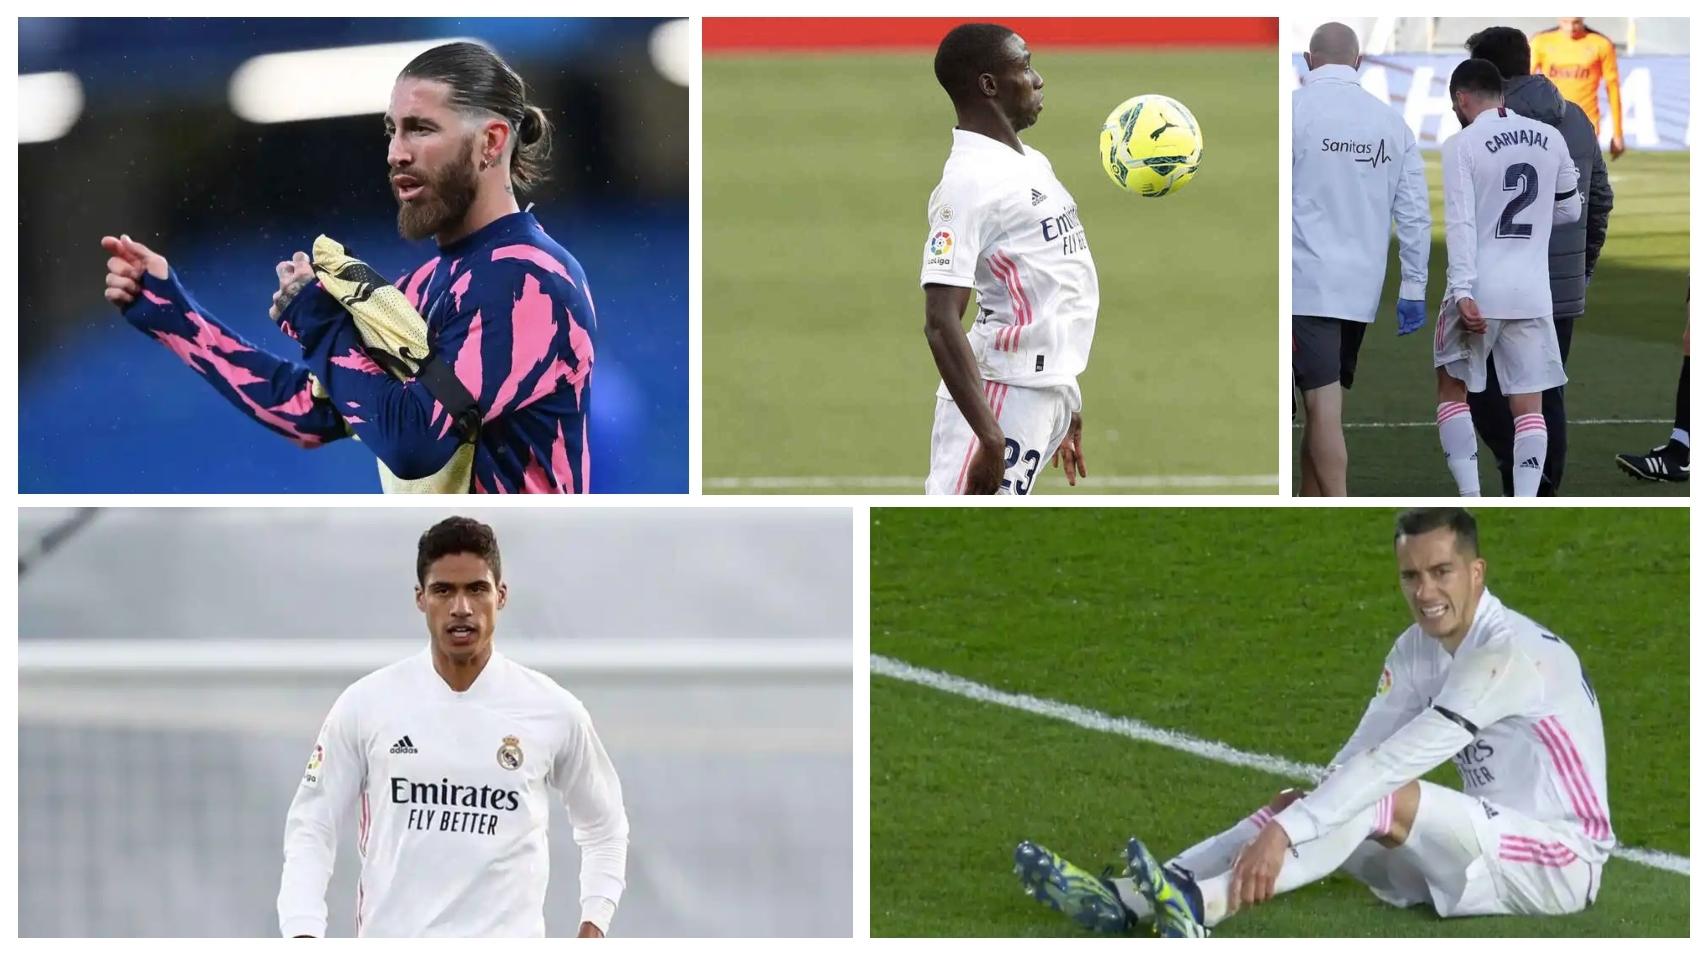 El milagro del Real Madrid con su defensa